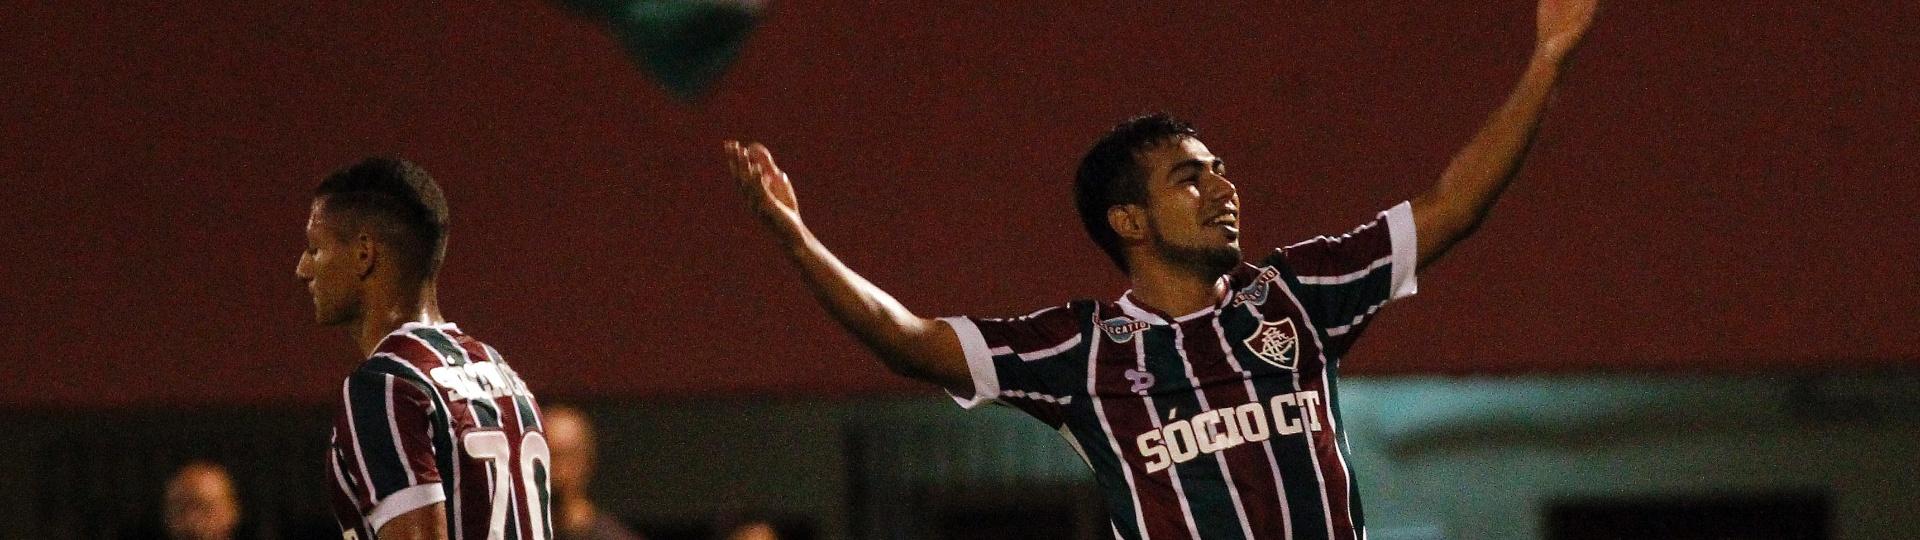 Sornoza comemora gol marcado pelo Fluminense